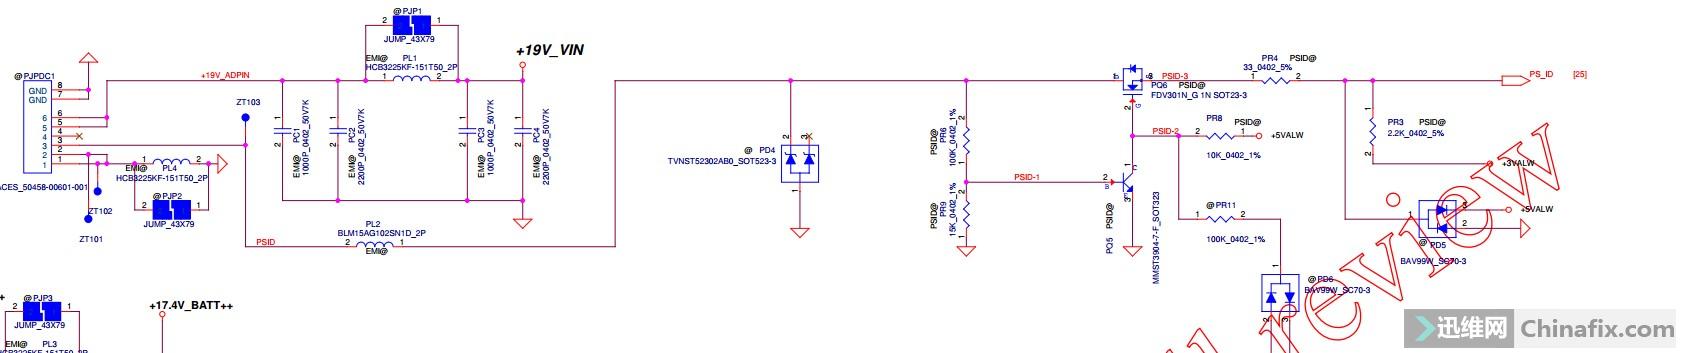 PS_ID 信号3.5v正常吗